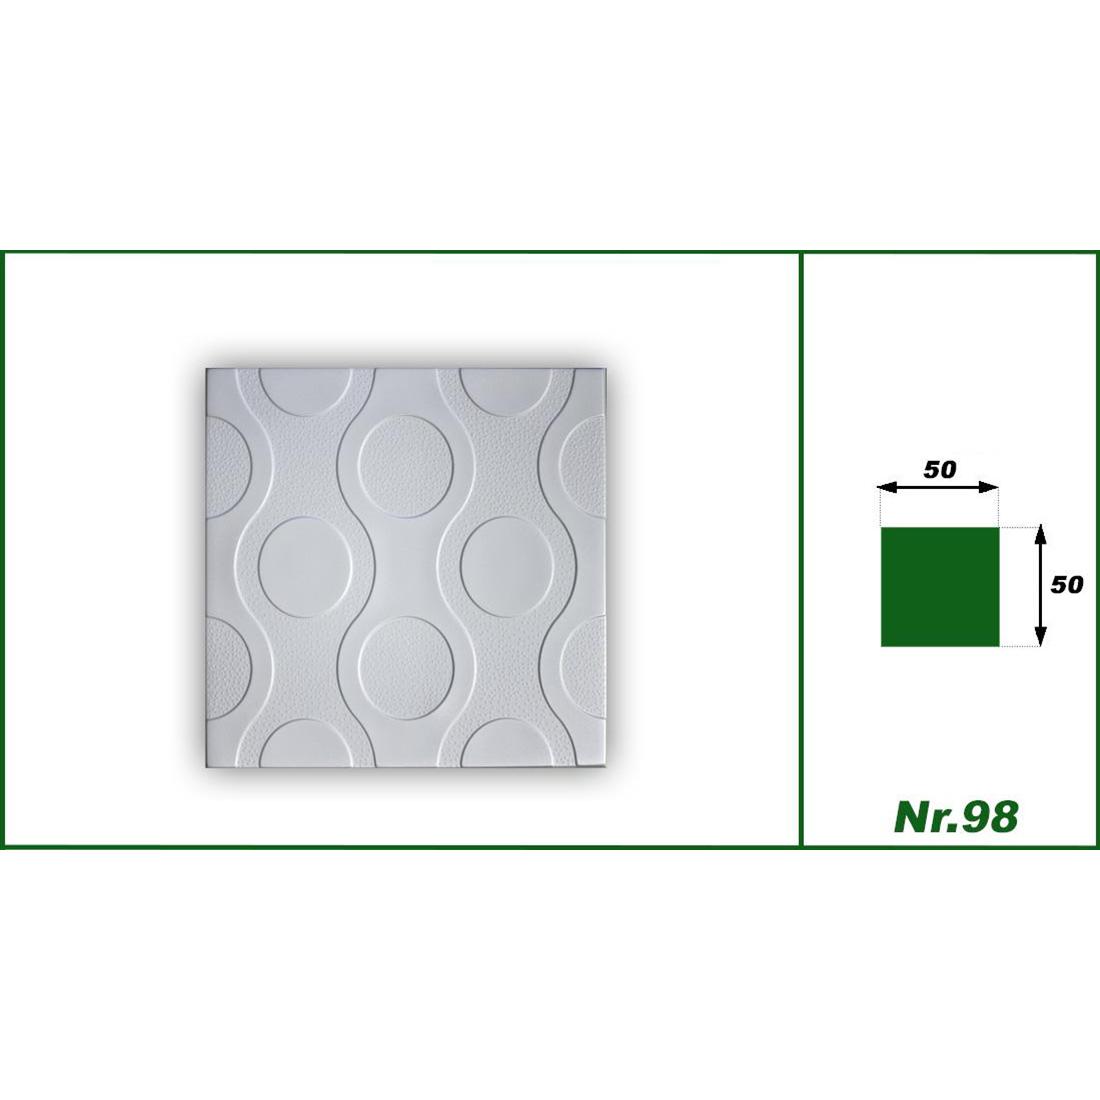 1 qm | Deckenplatten | XPS | formfest | Hexim | 50x50cm | Nr.98